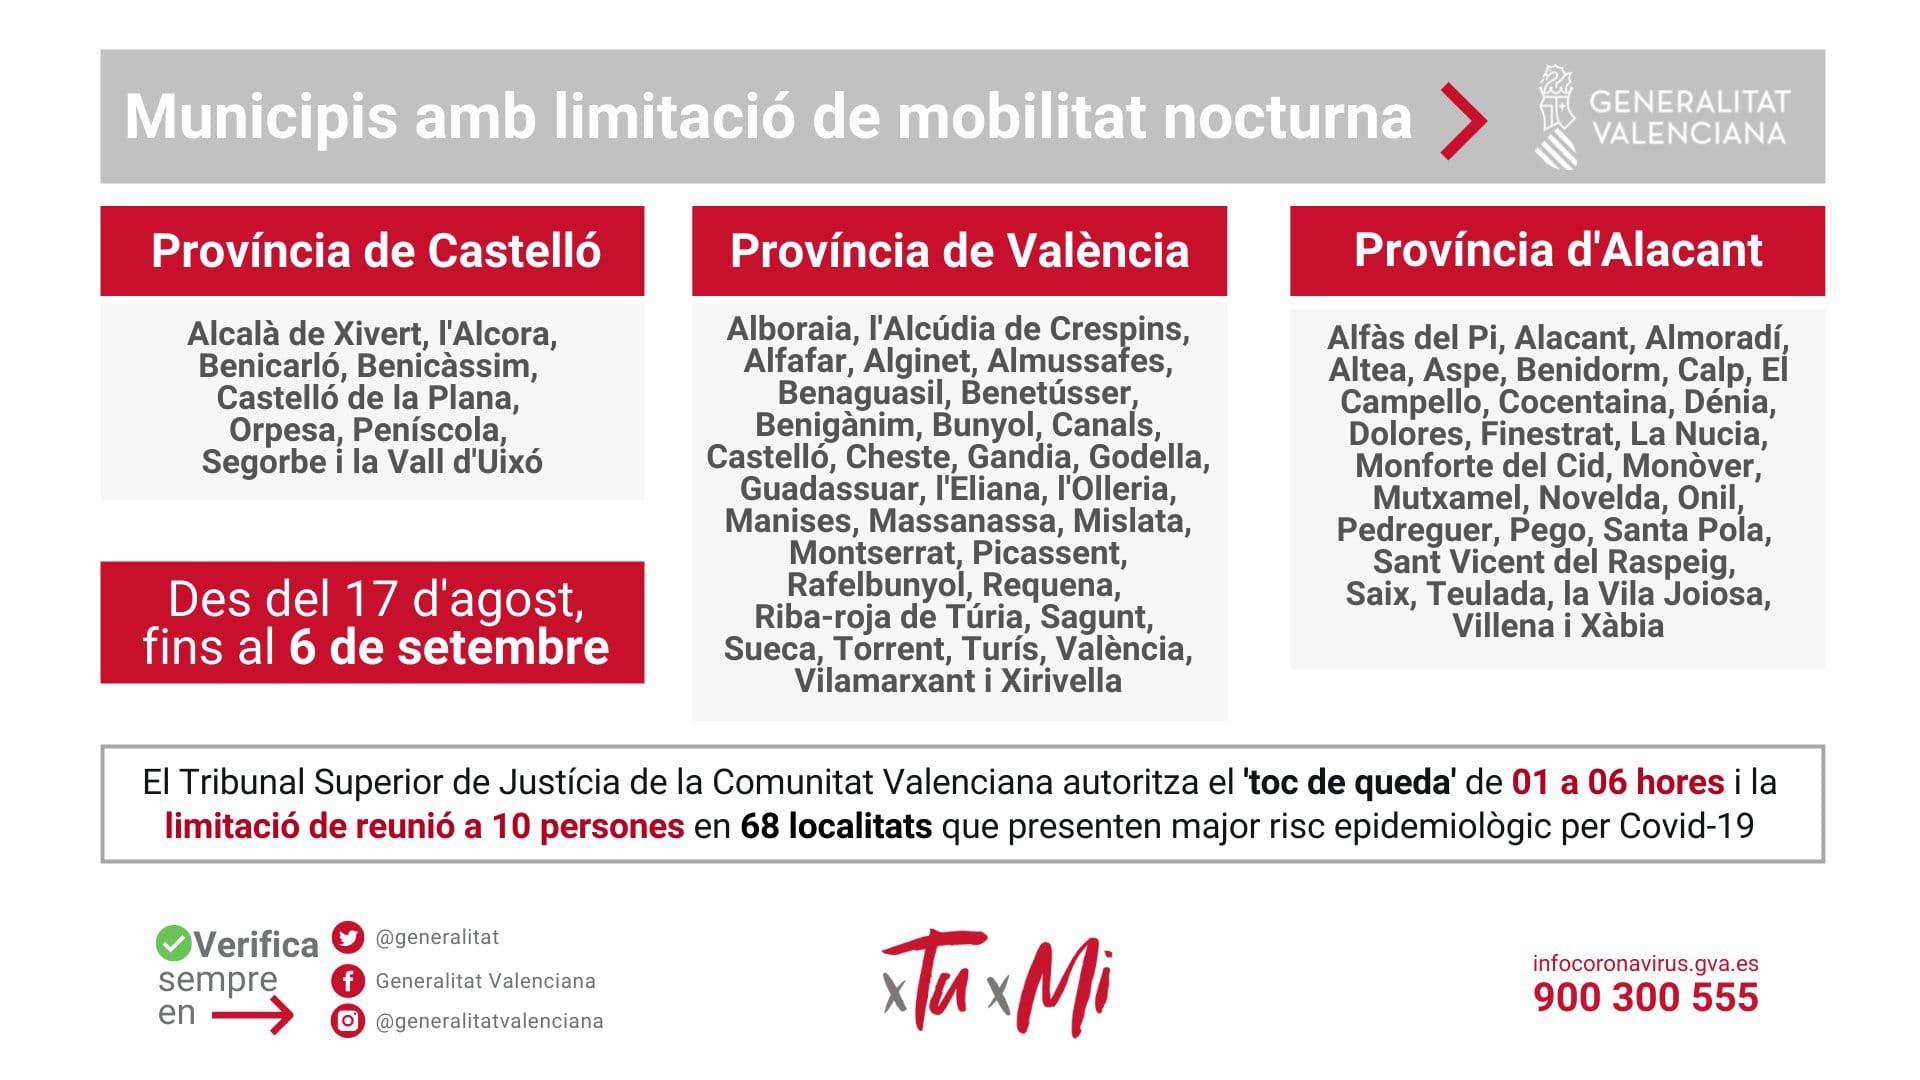 Municipios con limitación de movilidad